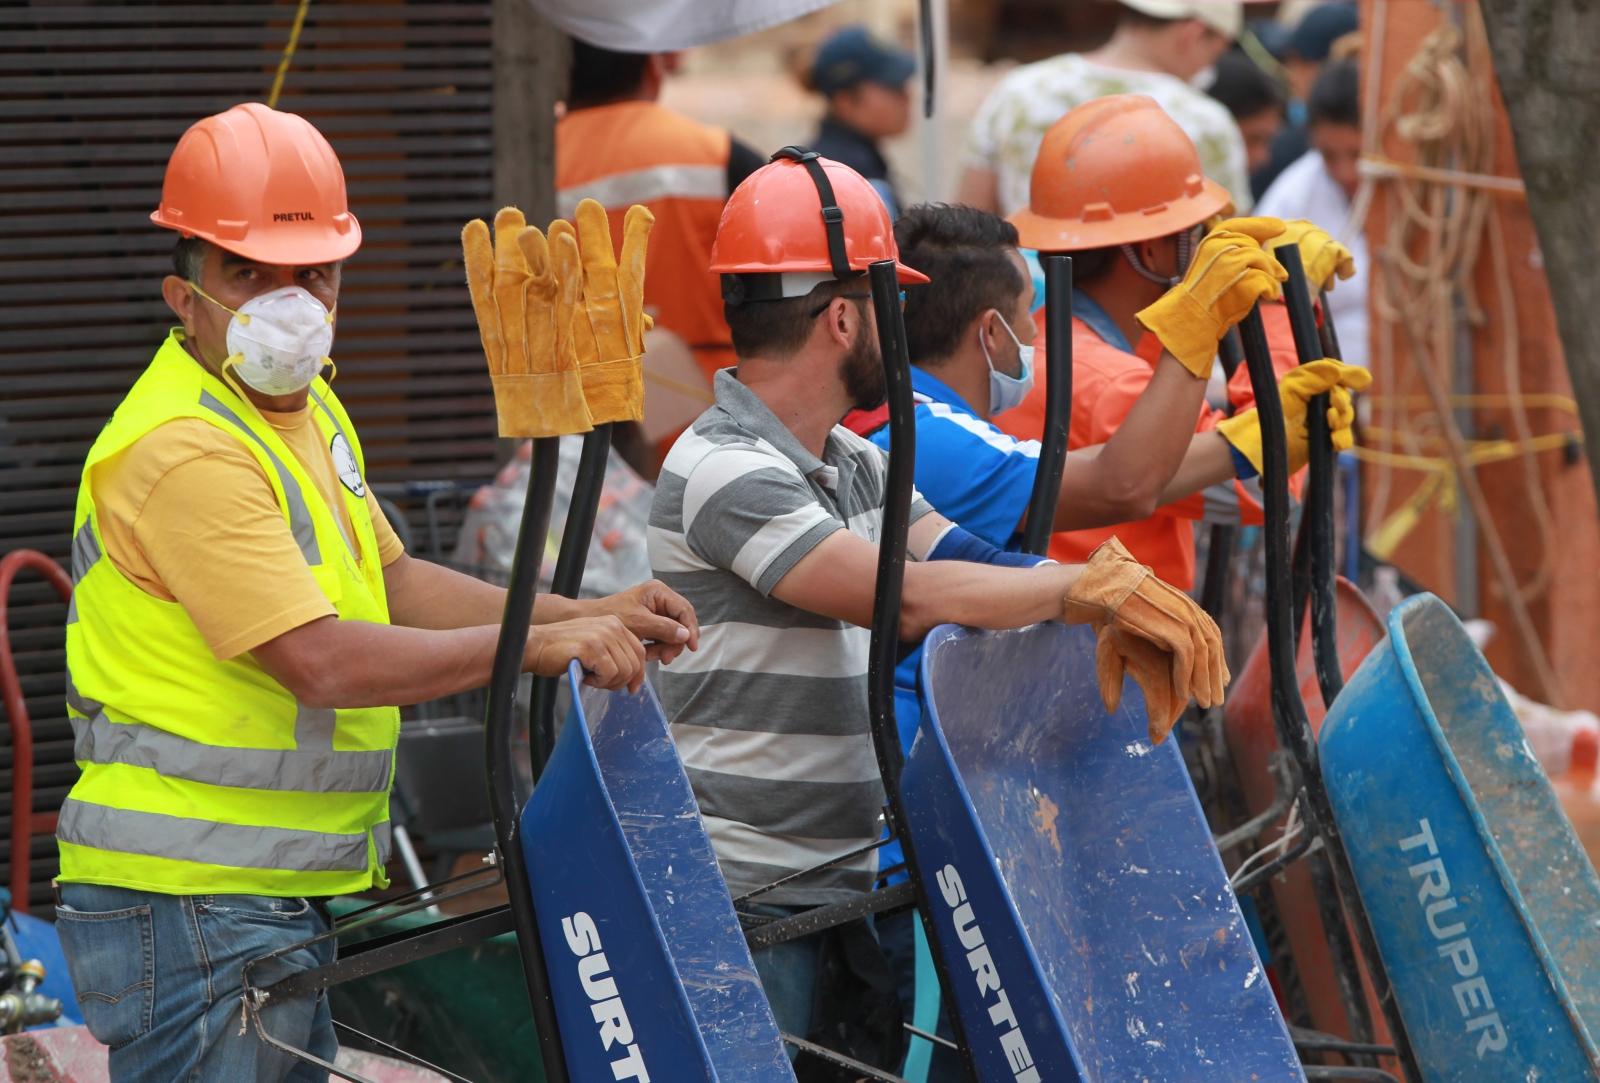 Sprzątanie po trzęsieniu ziemi w Meksyku